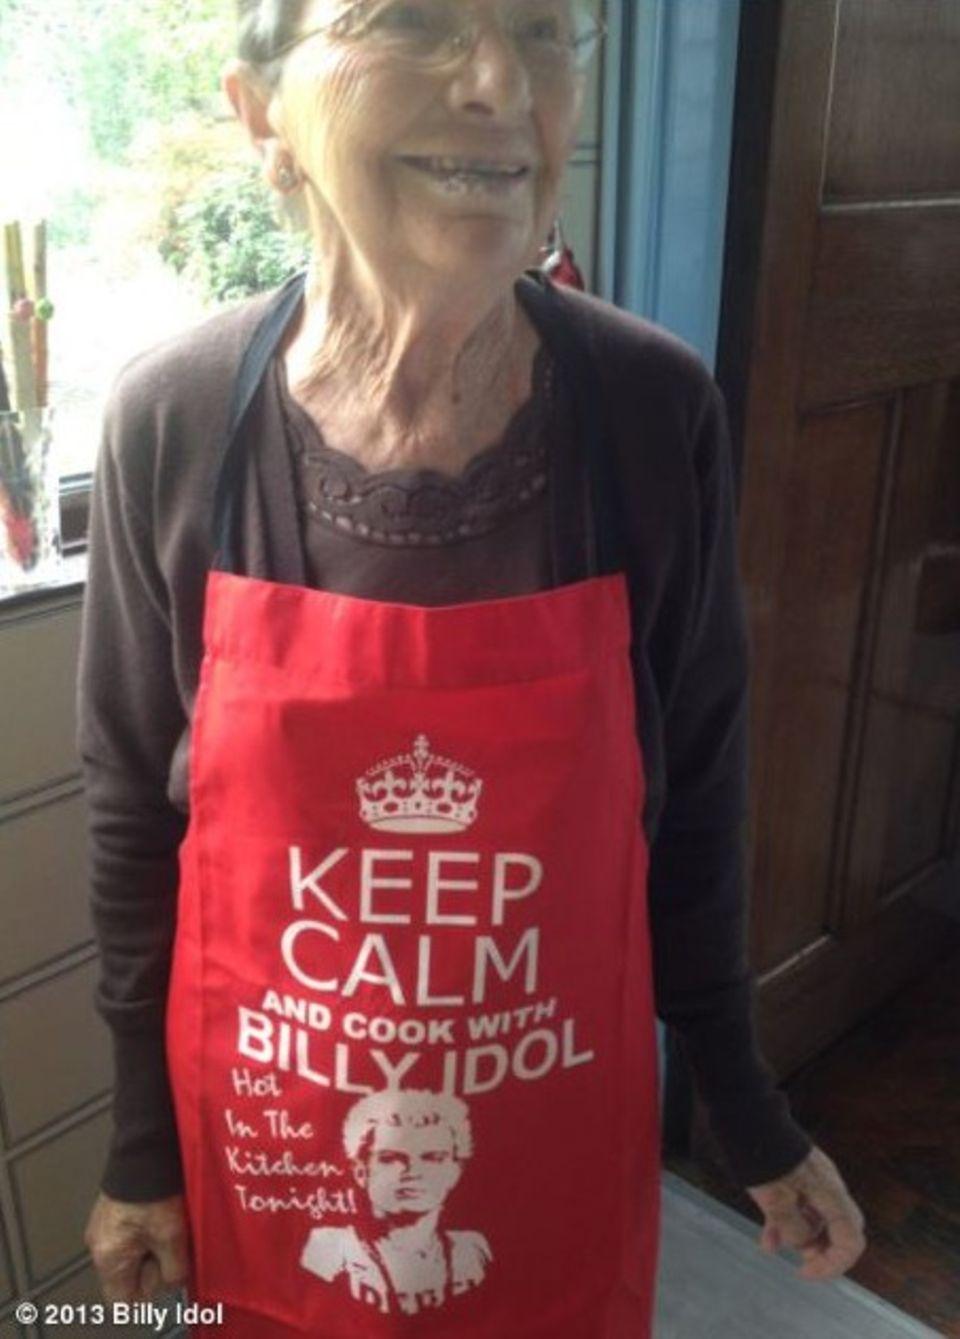 August 2013  Klar, Billy Idols Mutter Joan kocht nur in einer Schürze, die das Konterfei ihres Sohnes zeigt.